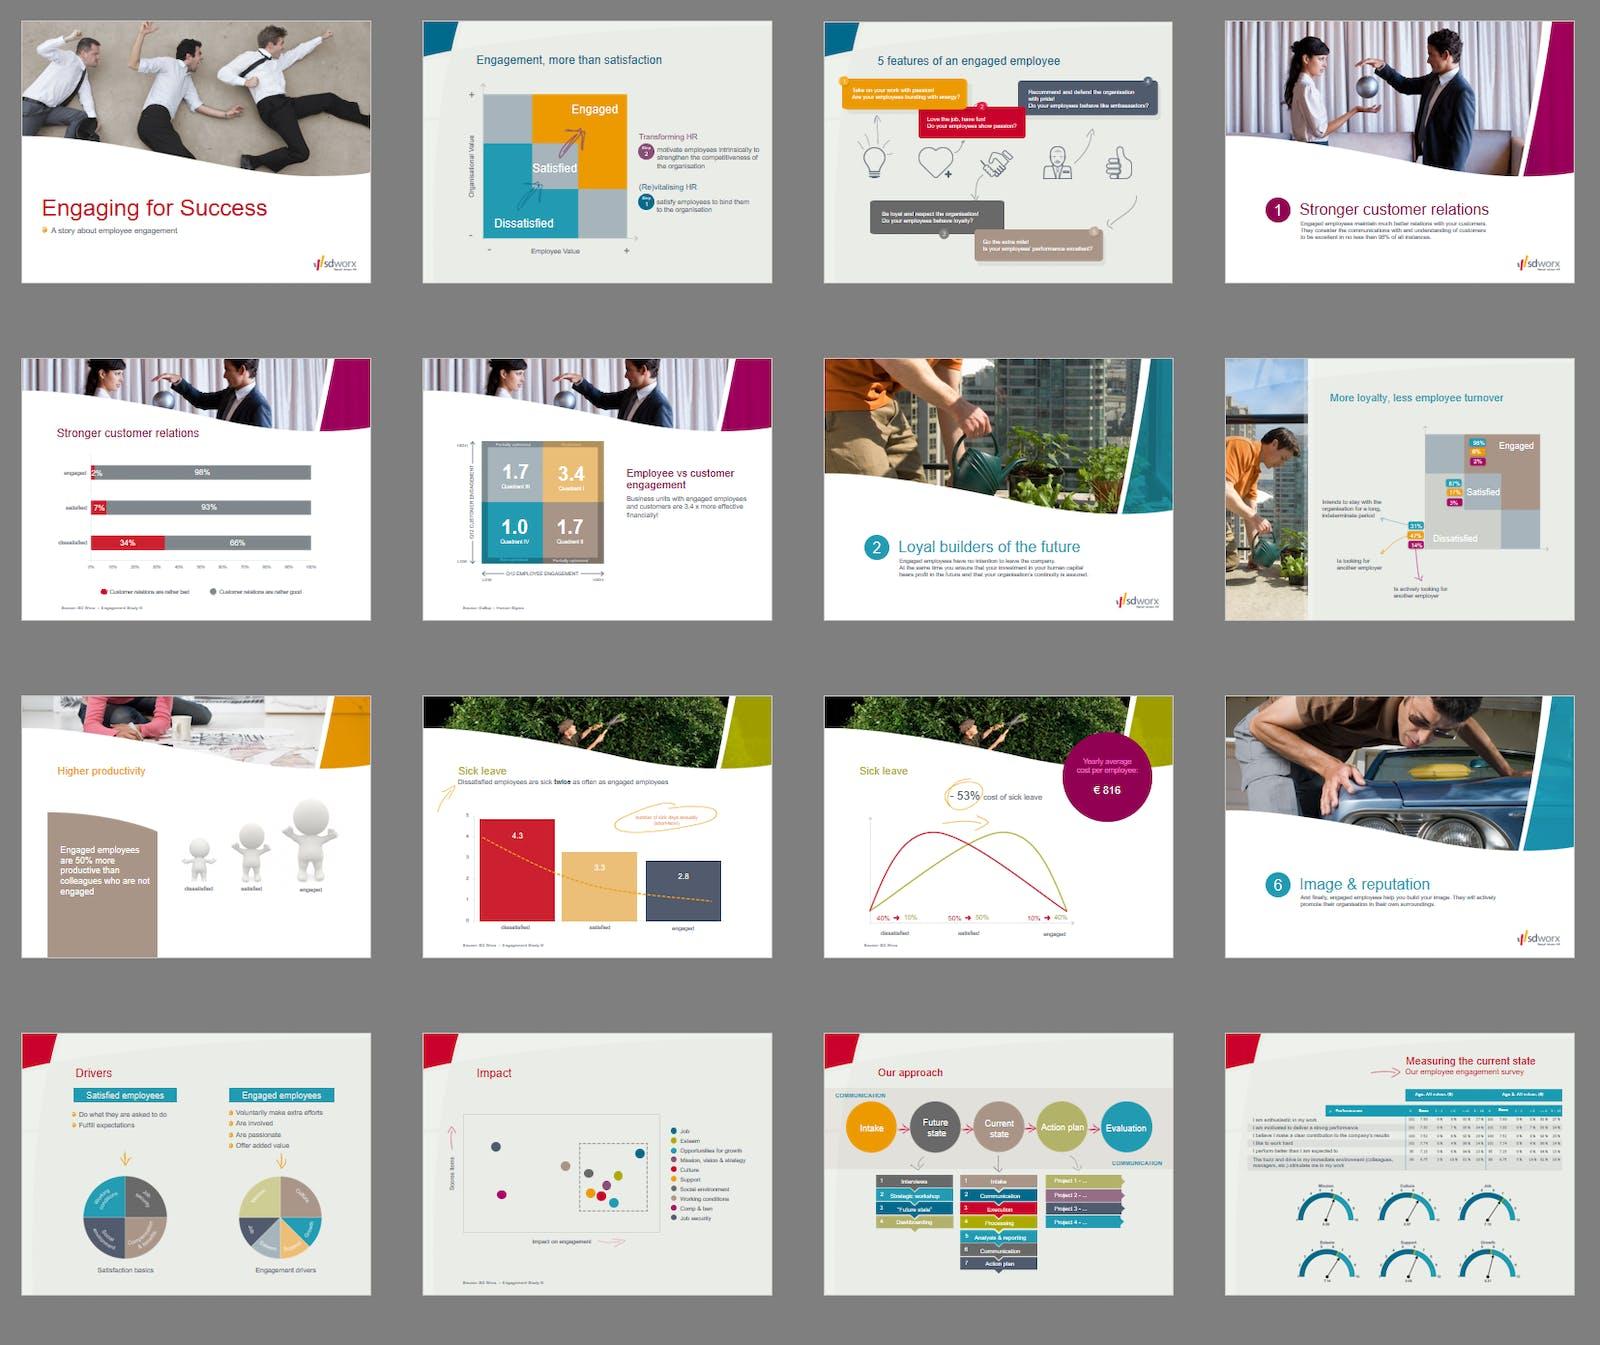 S Dworx engagement PPT slides